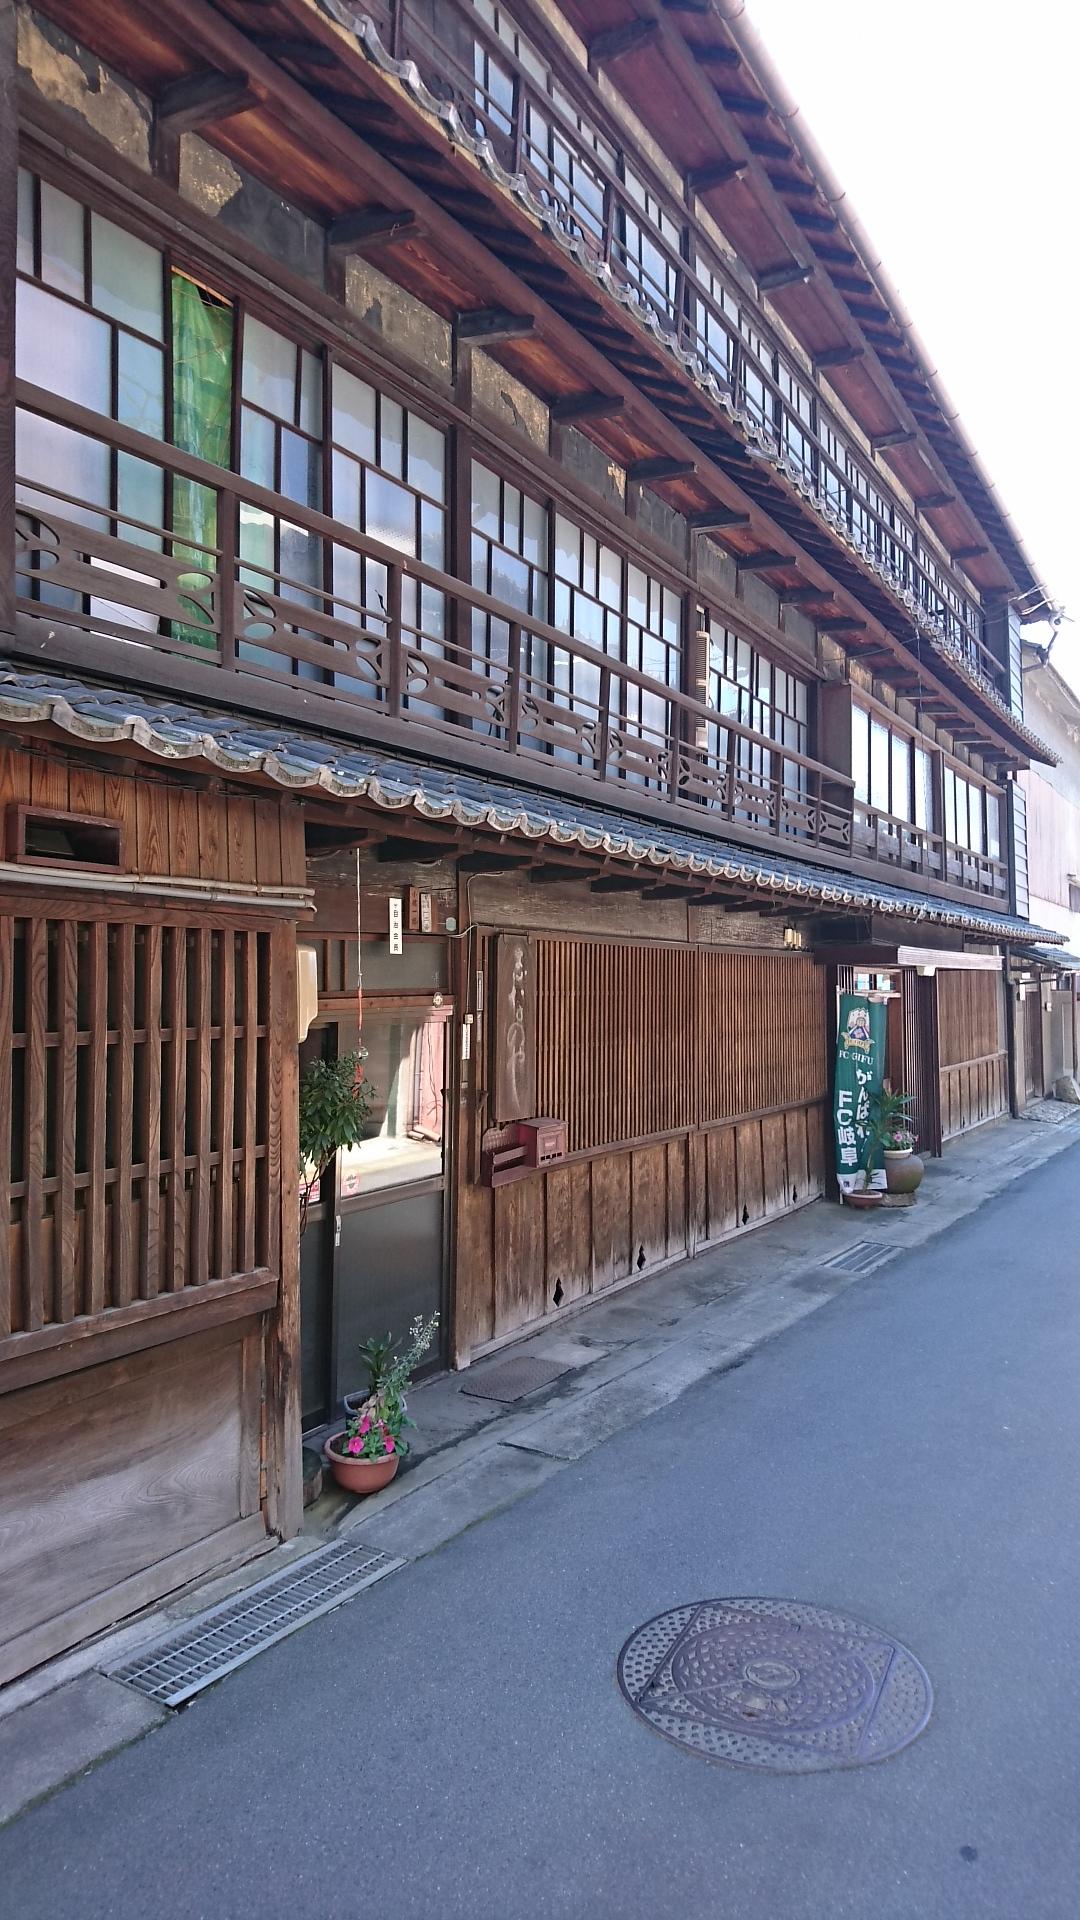 2017.5.19 大井 (22) 信濃屋 1080-1920